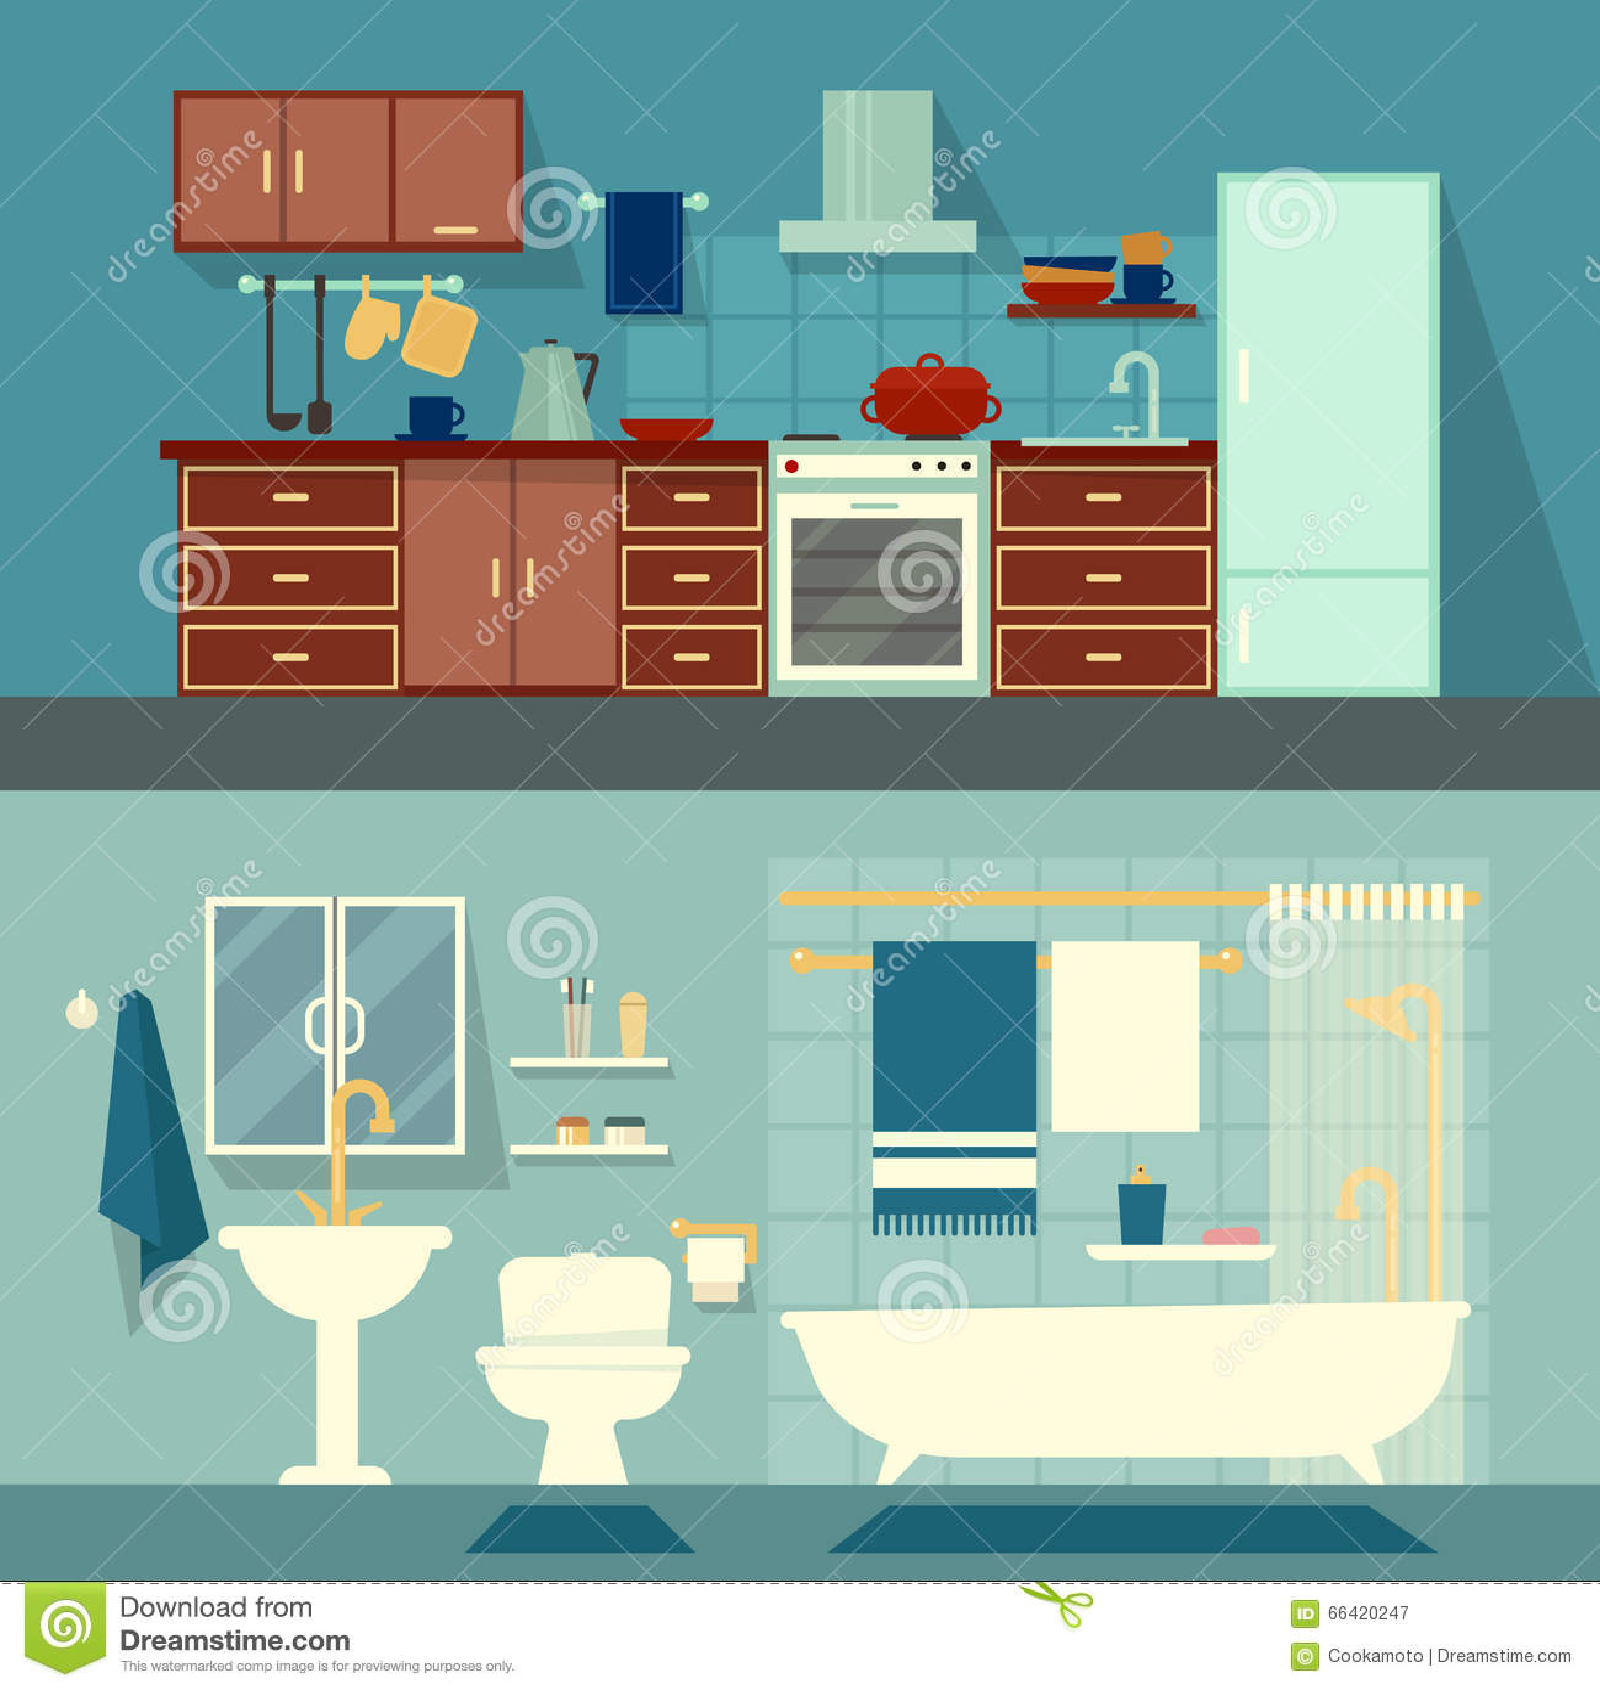 Vector плоская иллюстрация для комнат квартиры, дома Домашняя кухня дизайна интерьера и украшение ванны современное с